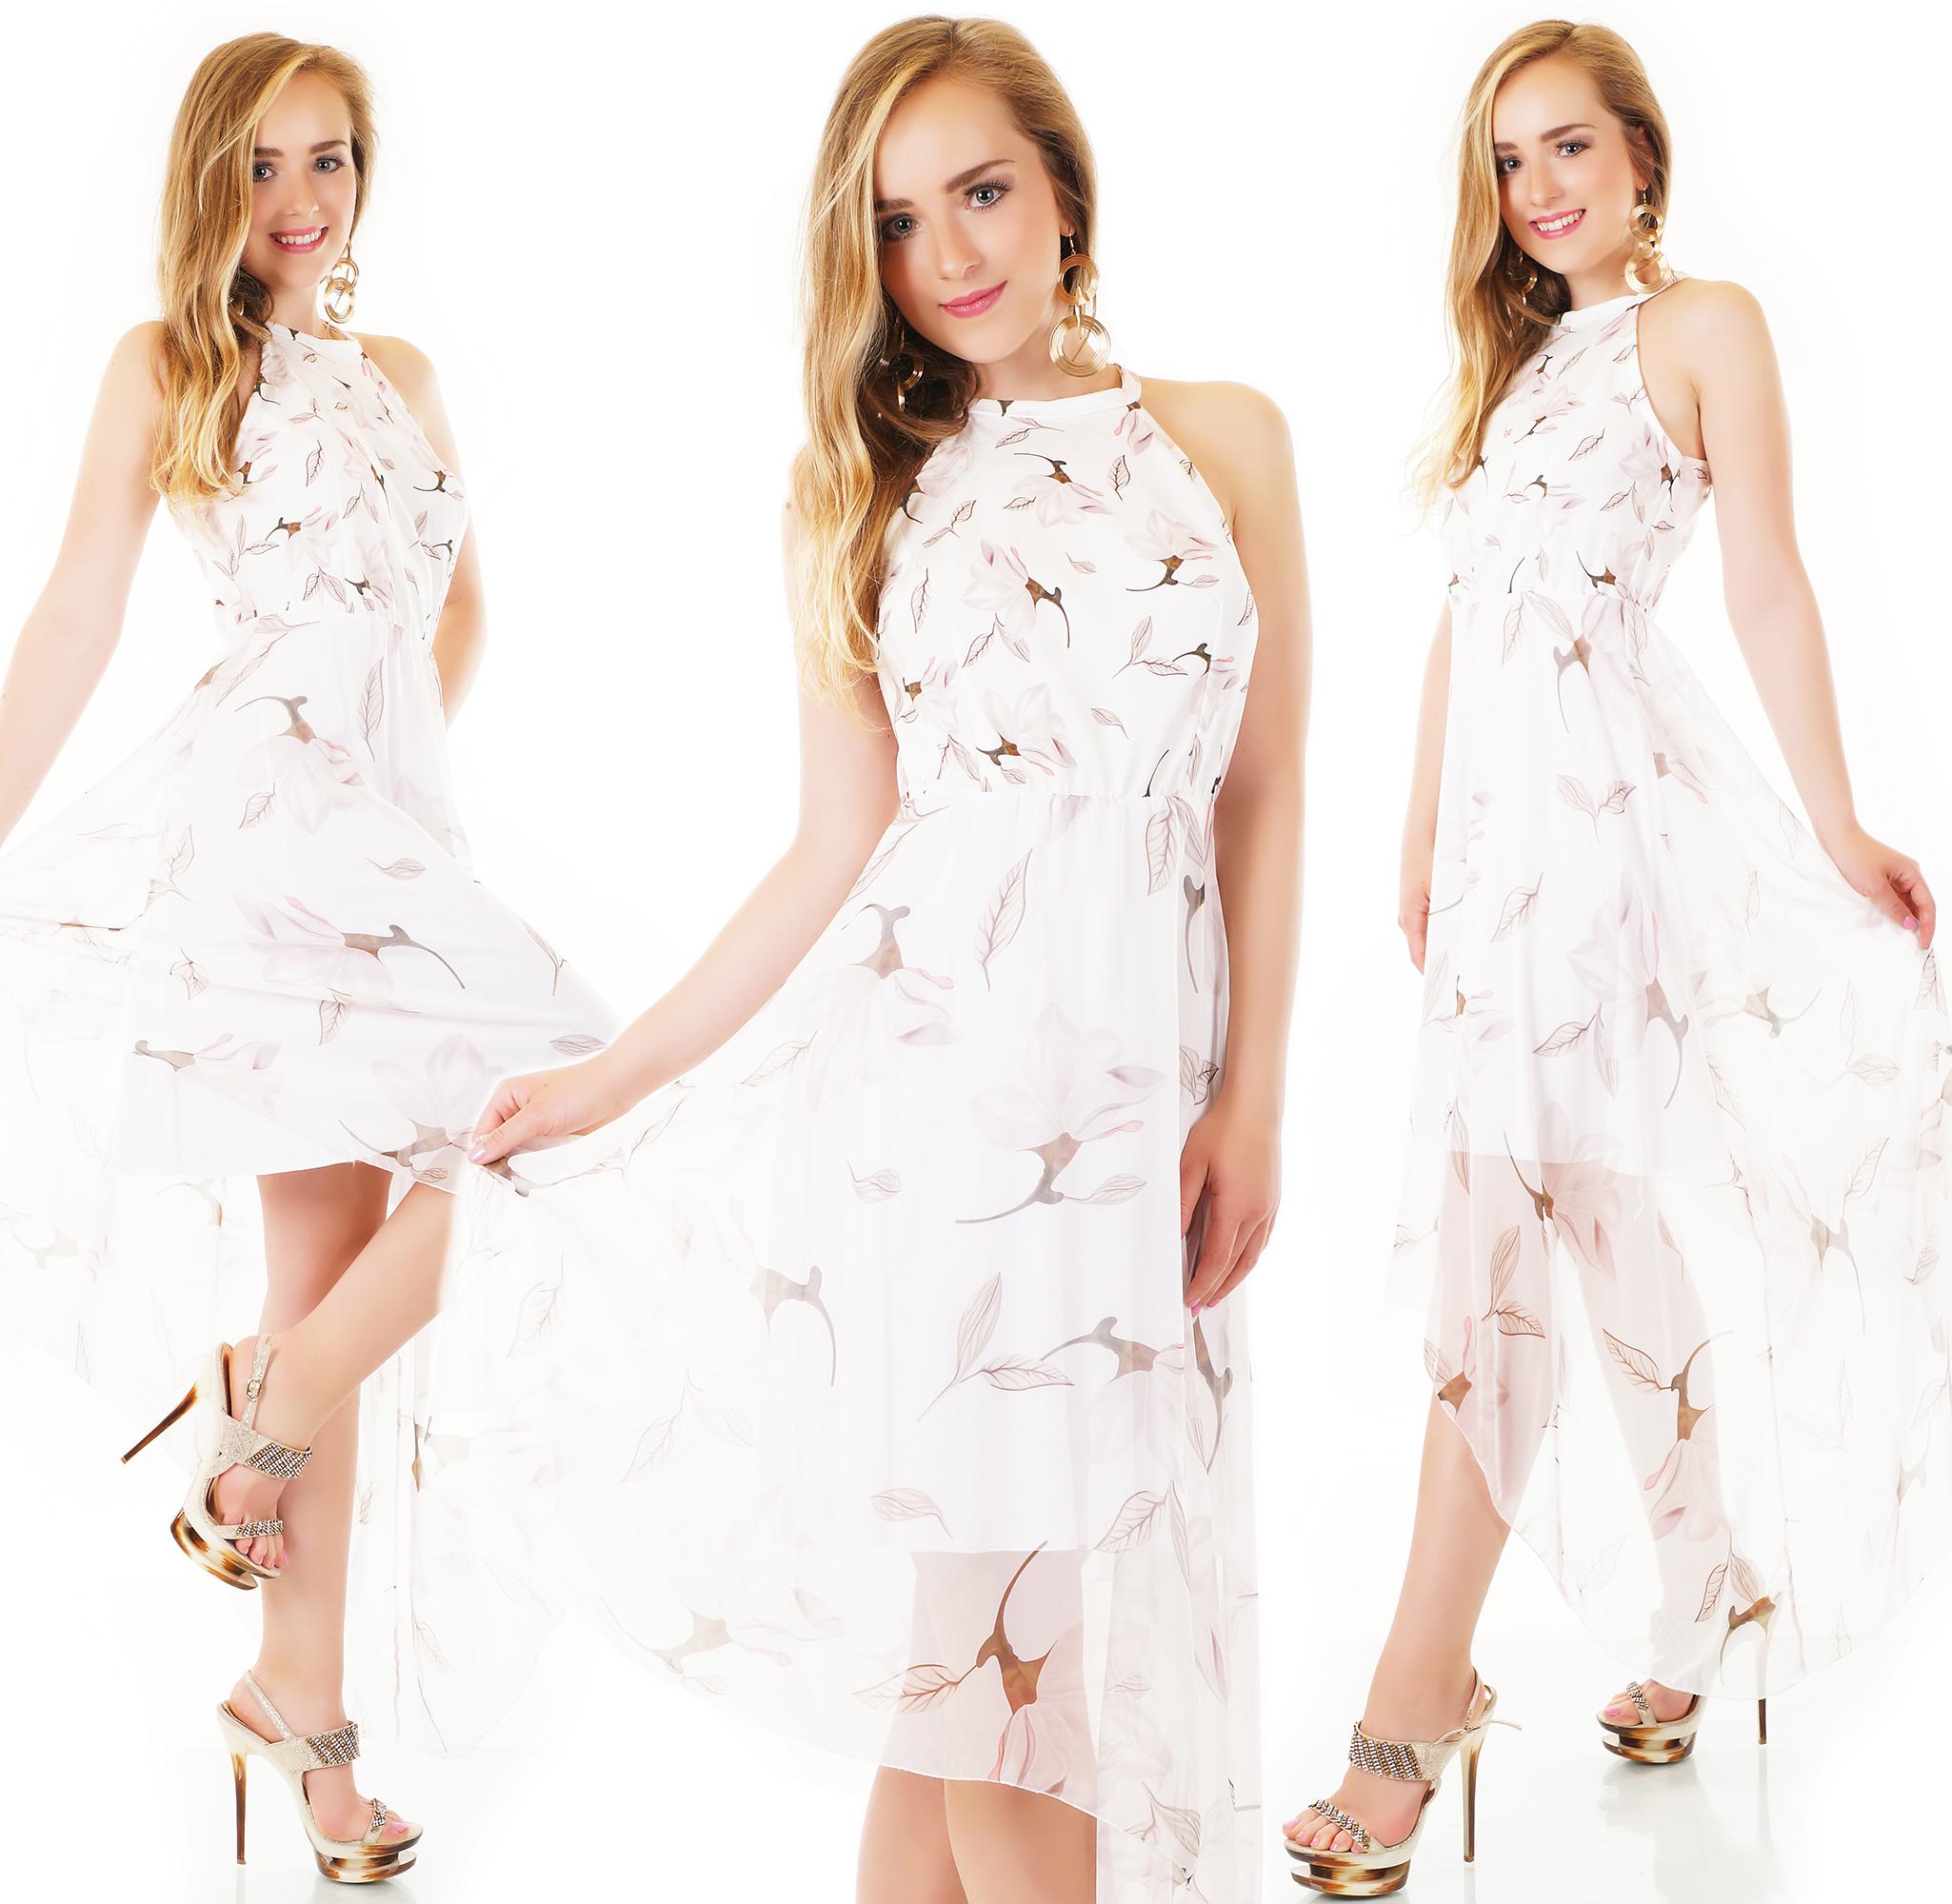 Trendstylez - Asymetrisches Vokuhila-Kleid mit Blüten-Prints in weiß